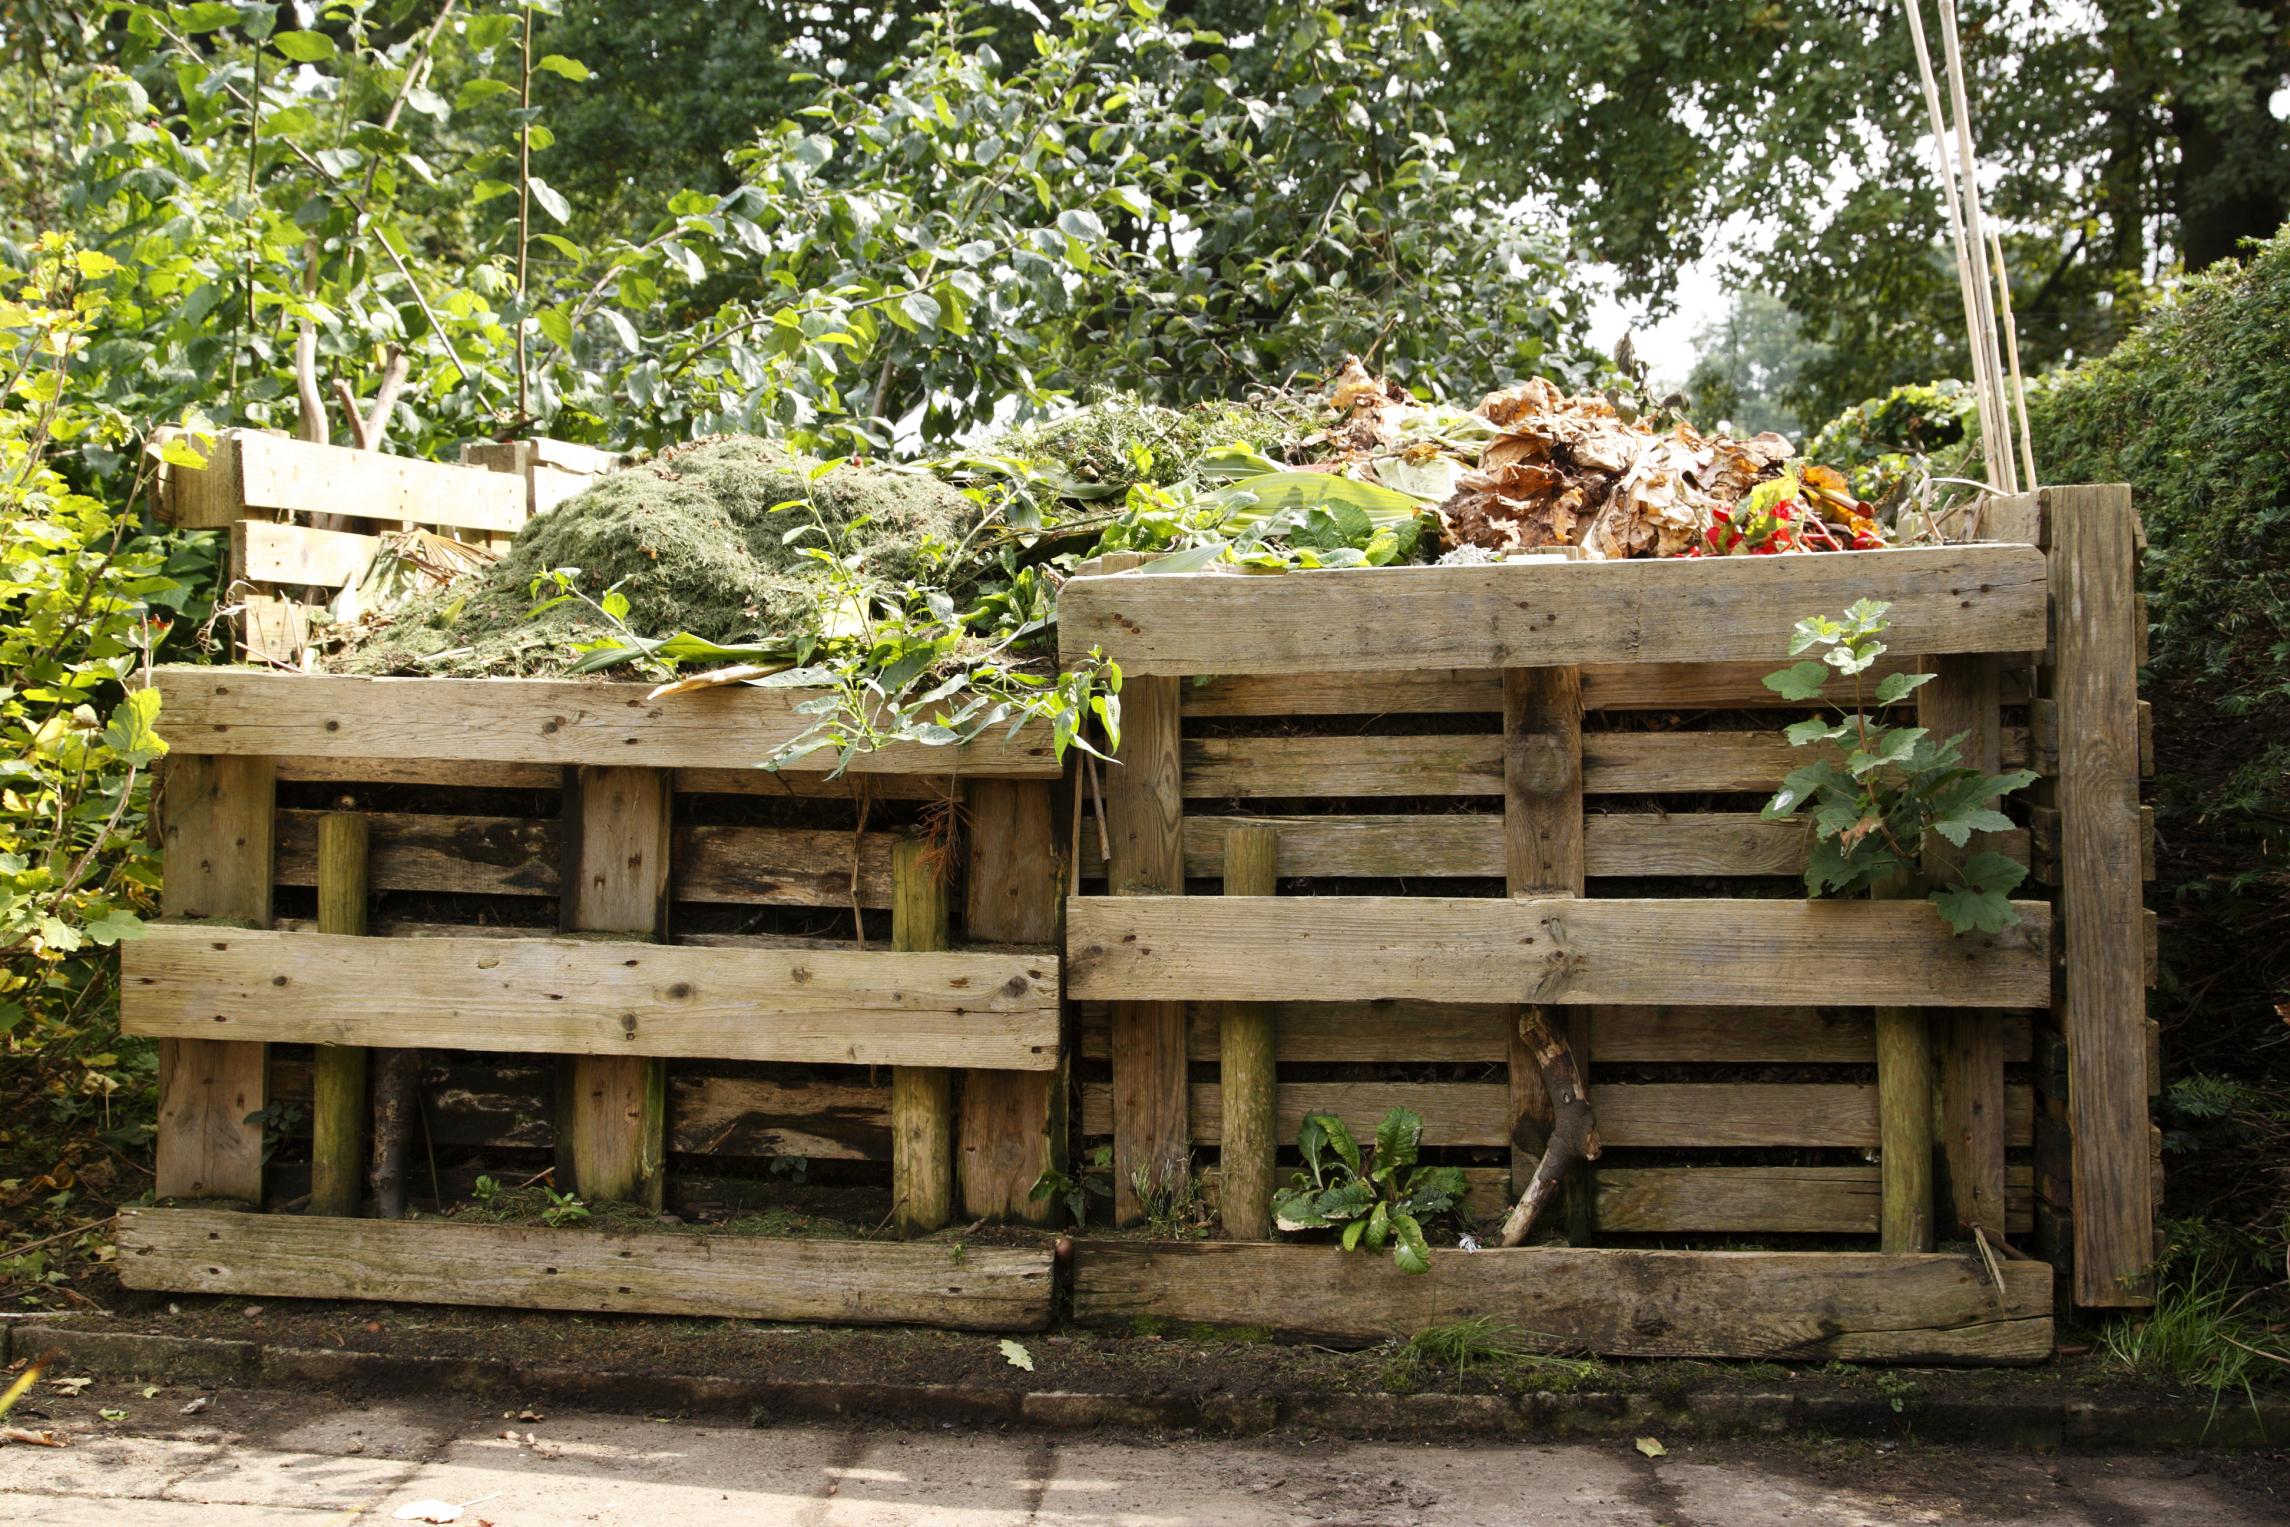 Al via il compostaggio di comunità: c'è il decreto